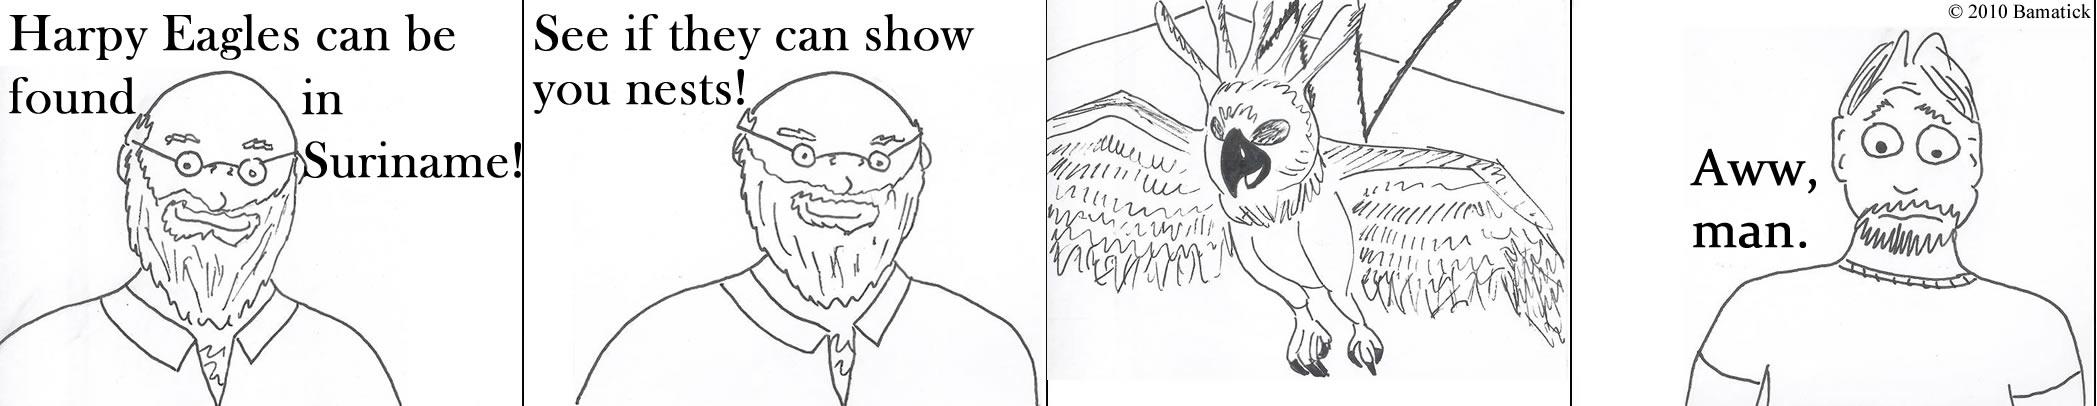 comic-2010-06-14-Harpy.jpg